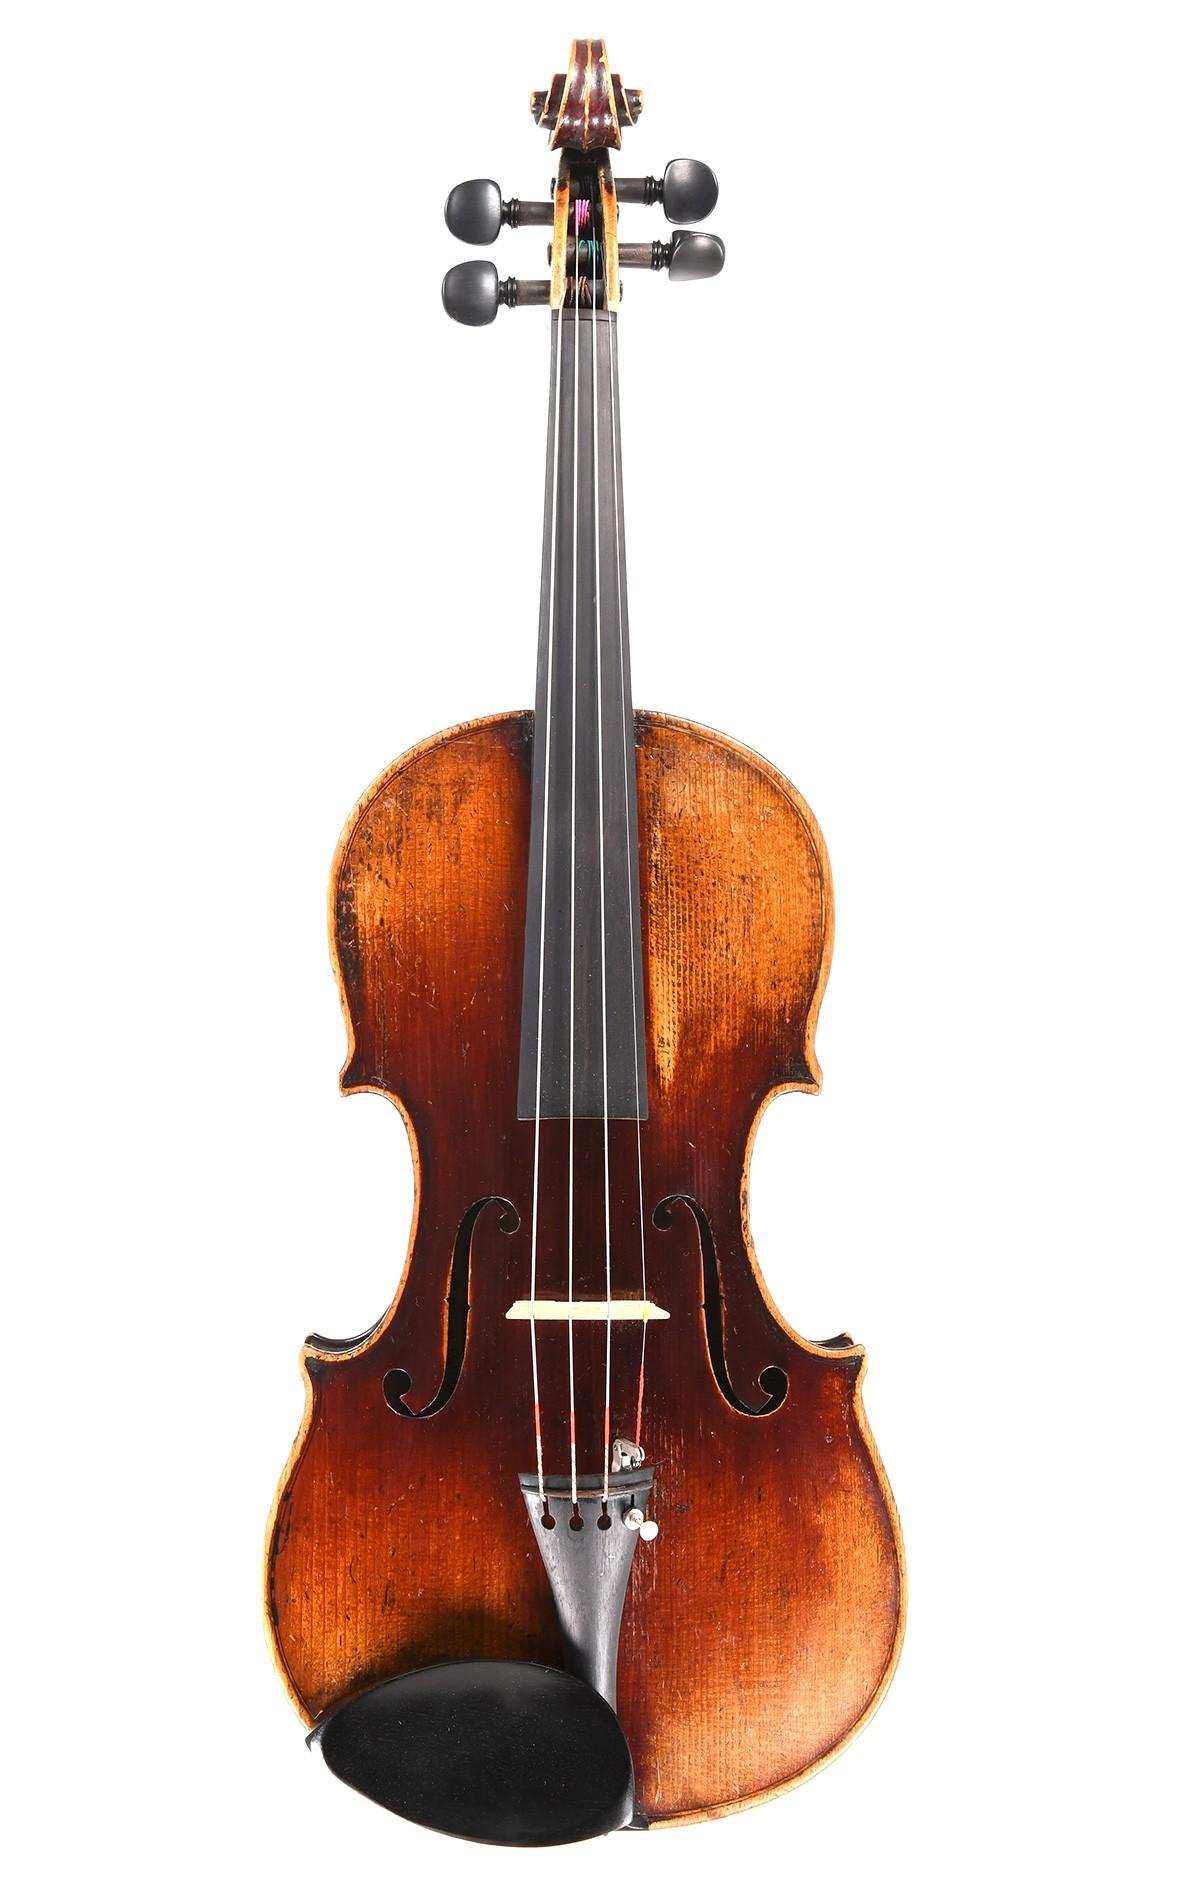 Neuner & Hornsteiner Geige aus dem Jahr 1882